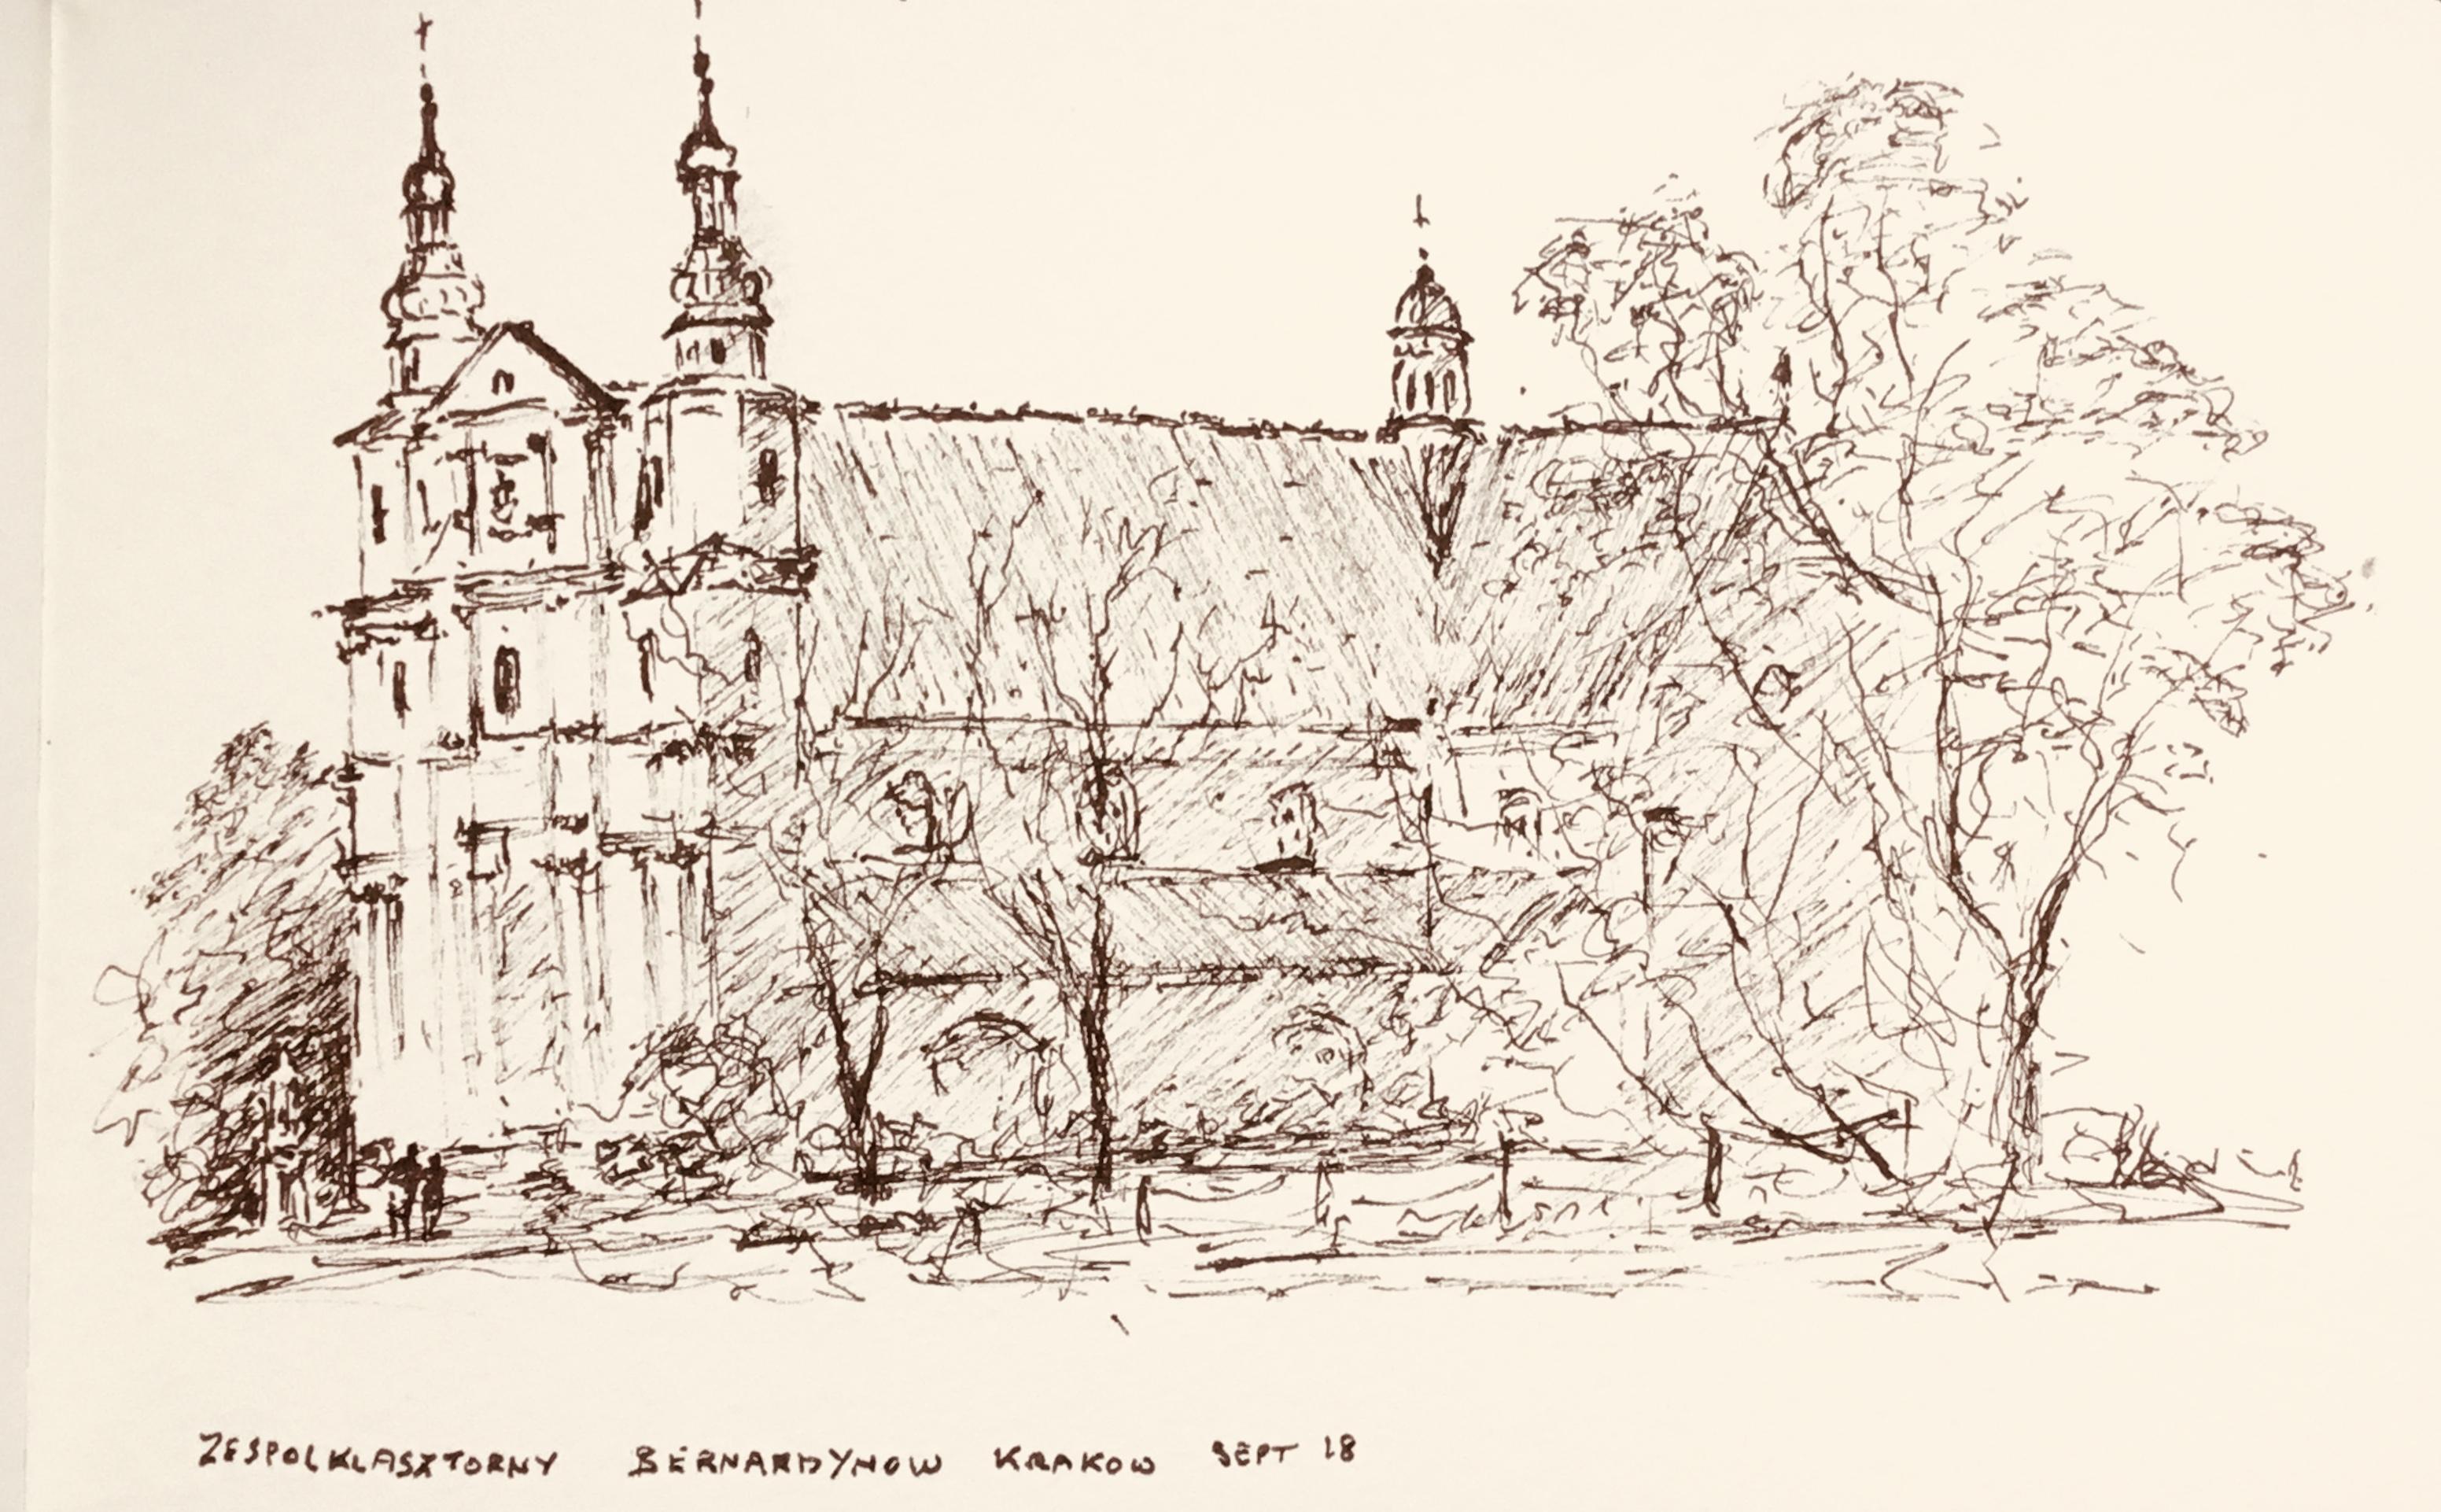 Krakow Bernardynow